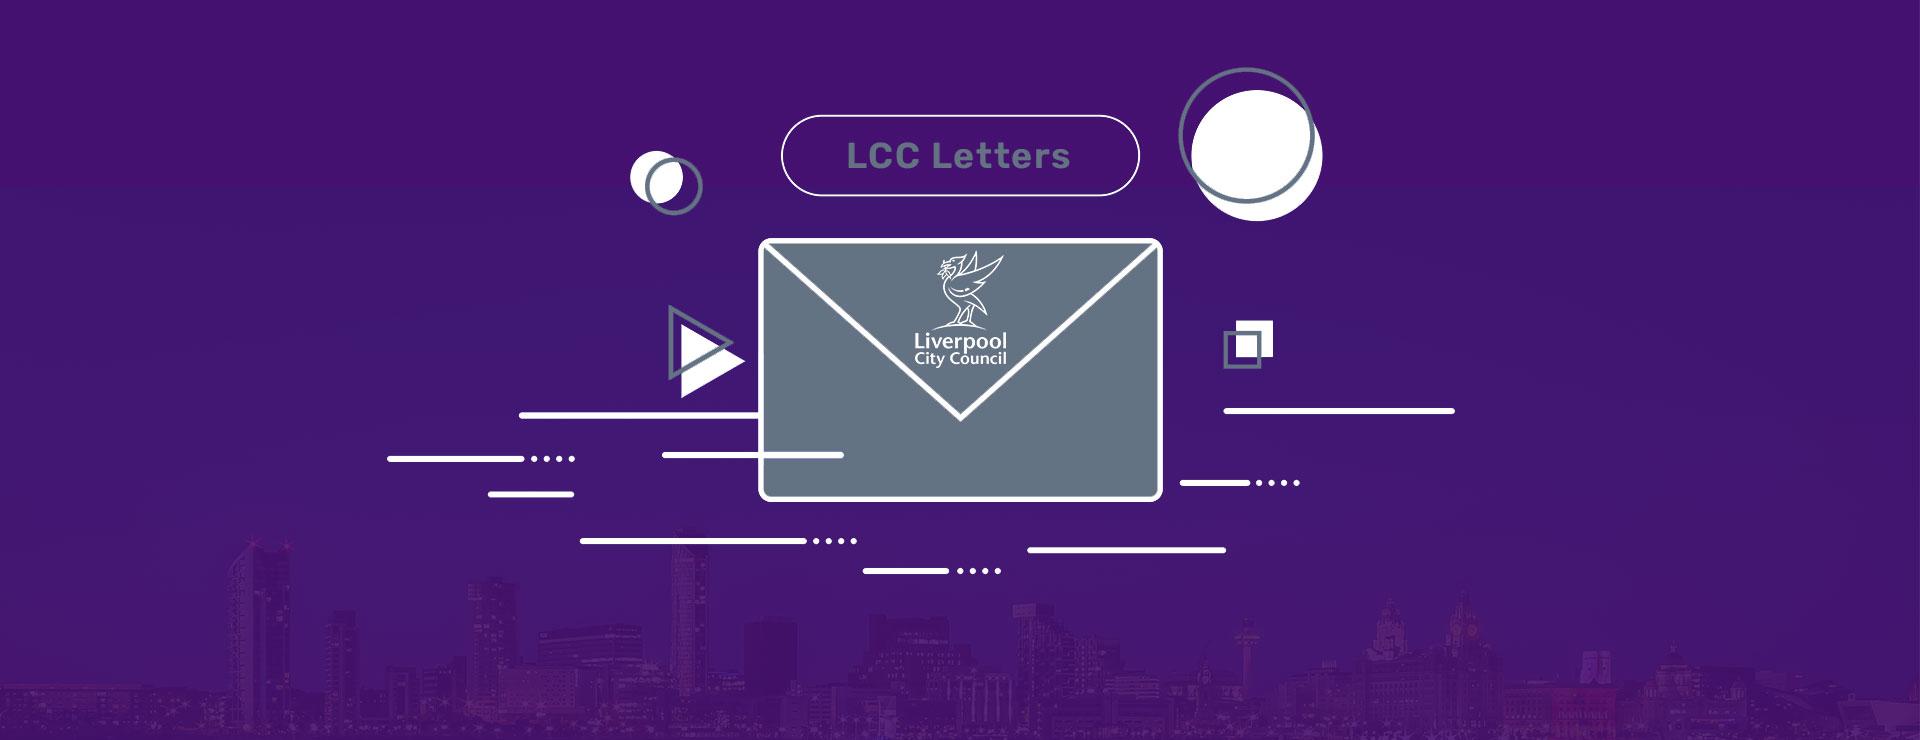 st-michaels-blog-liverpool-city-council-letters-2